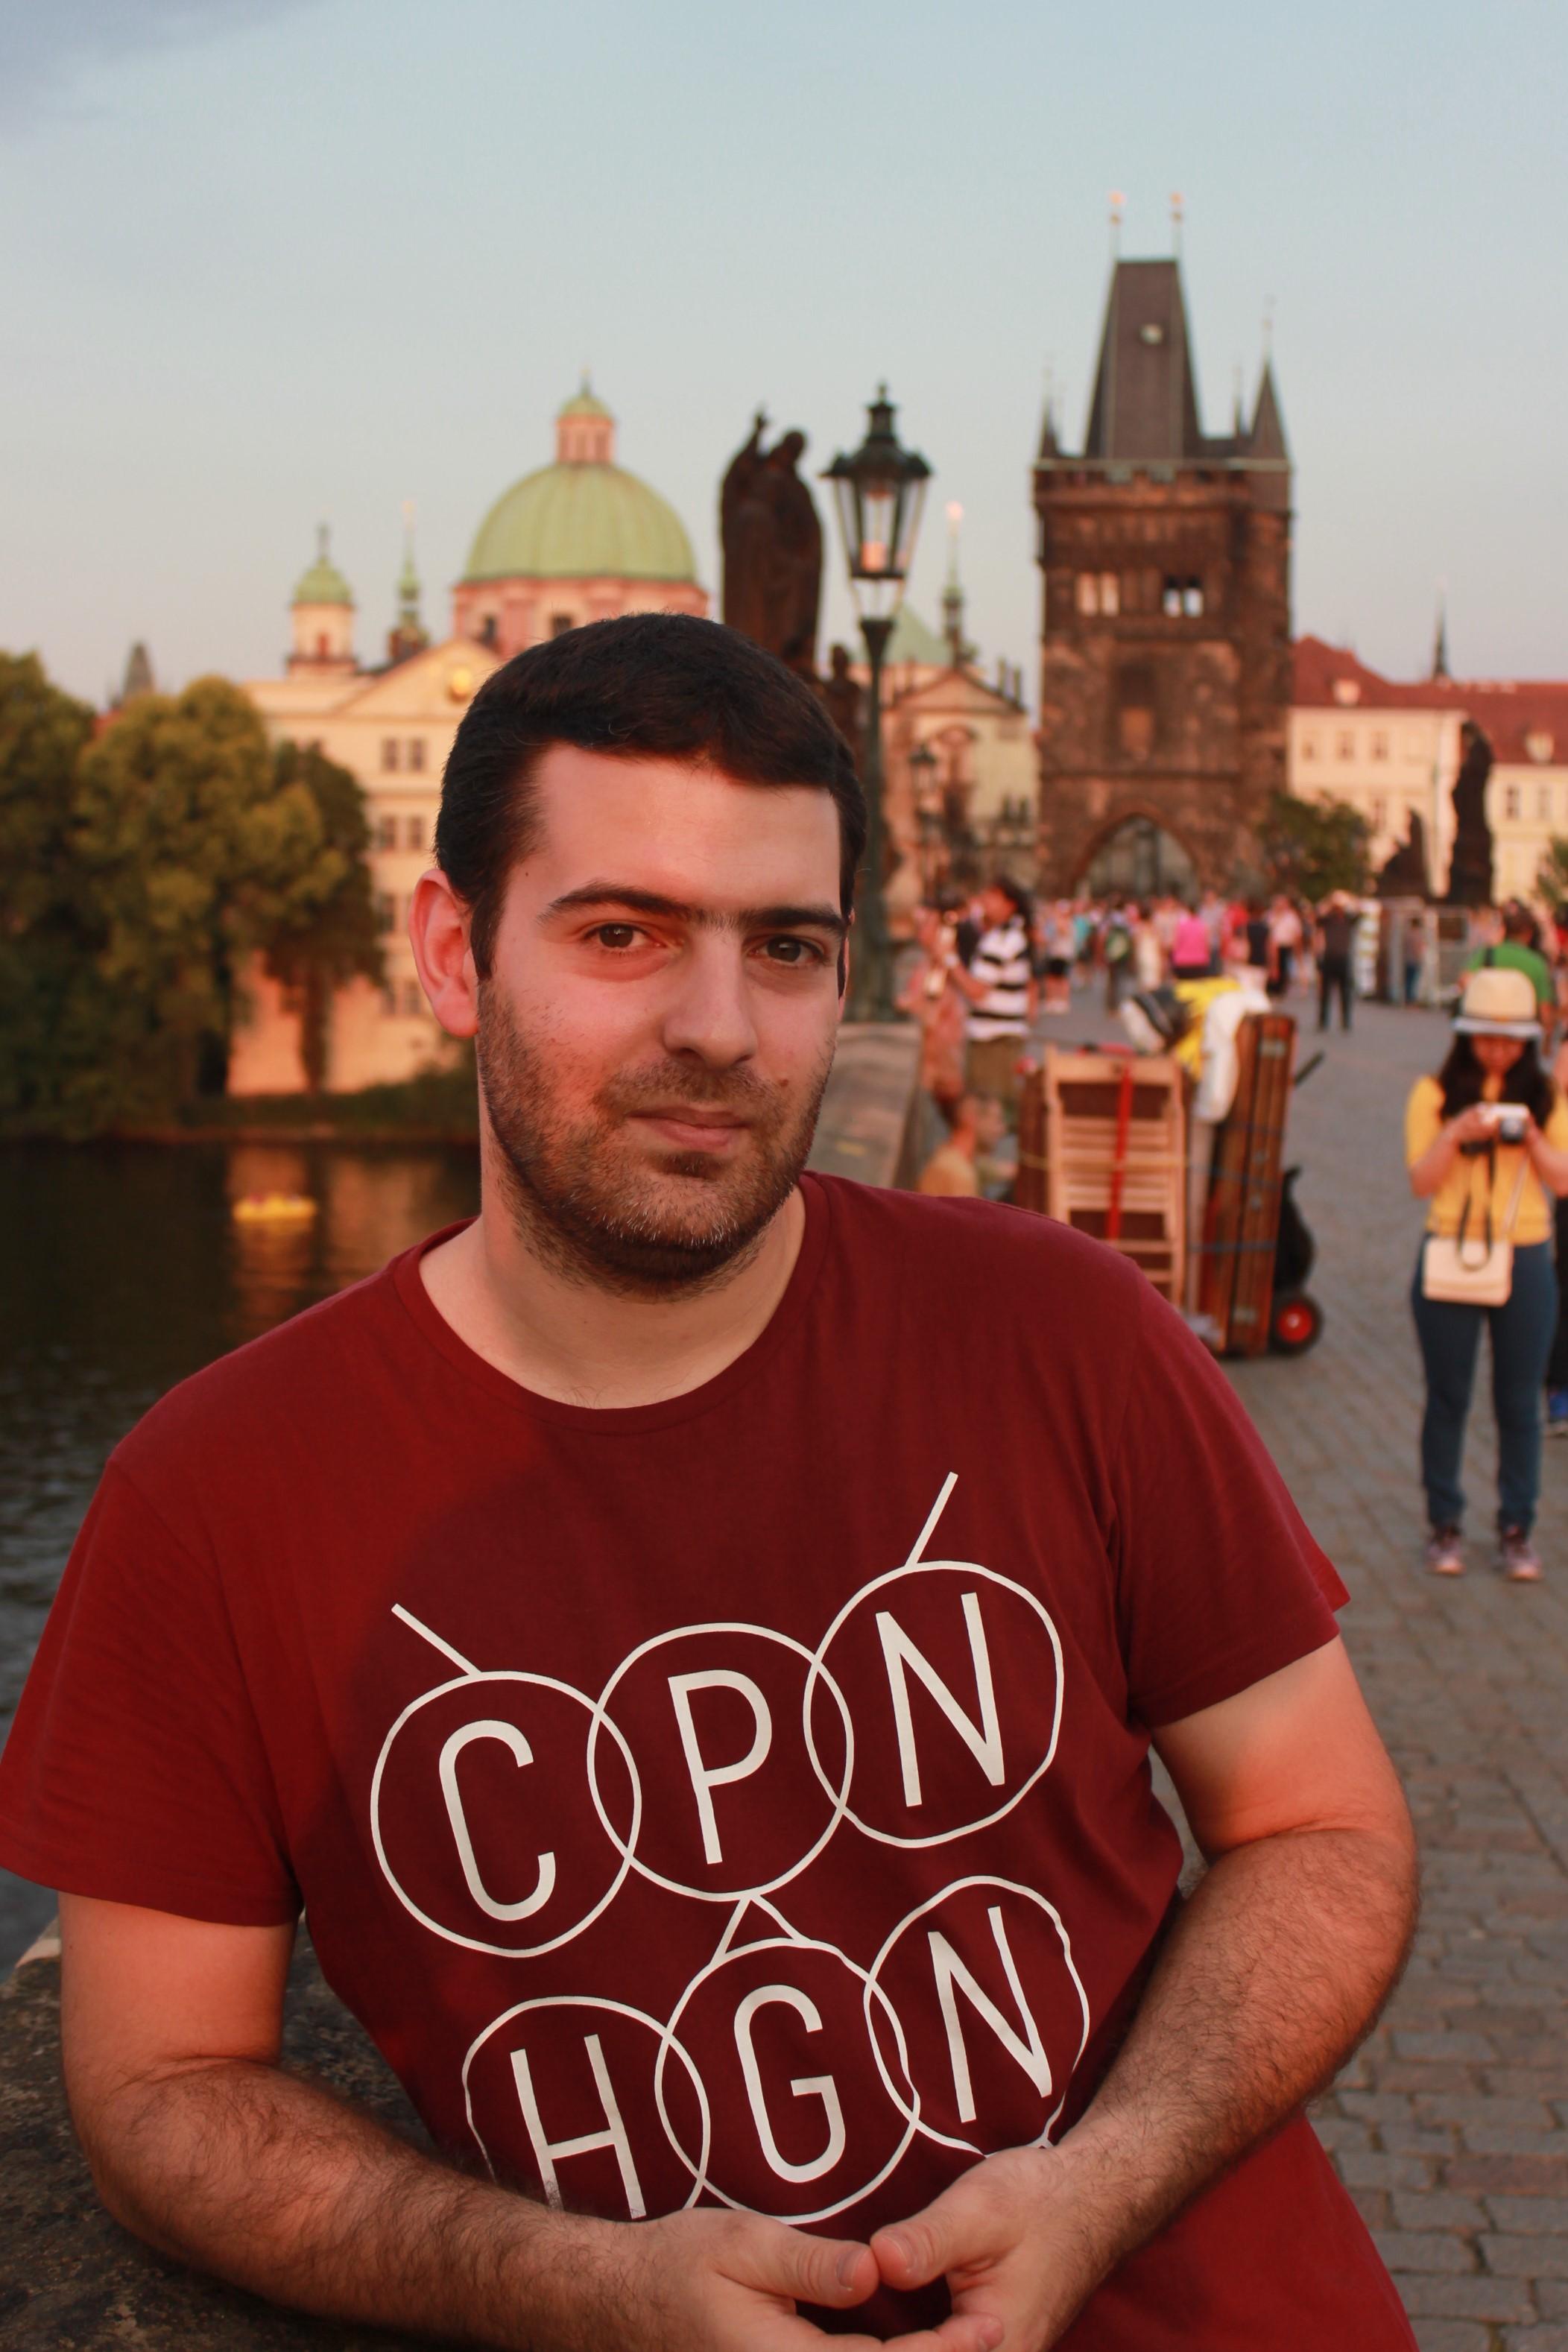 Sérgio Batista estudou na FCUP, doutorou-se em França e é atualmente investigador nos Emirados Árabes Unidos